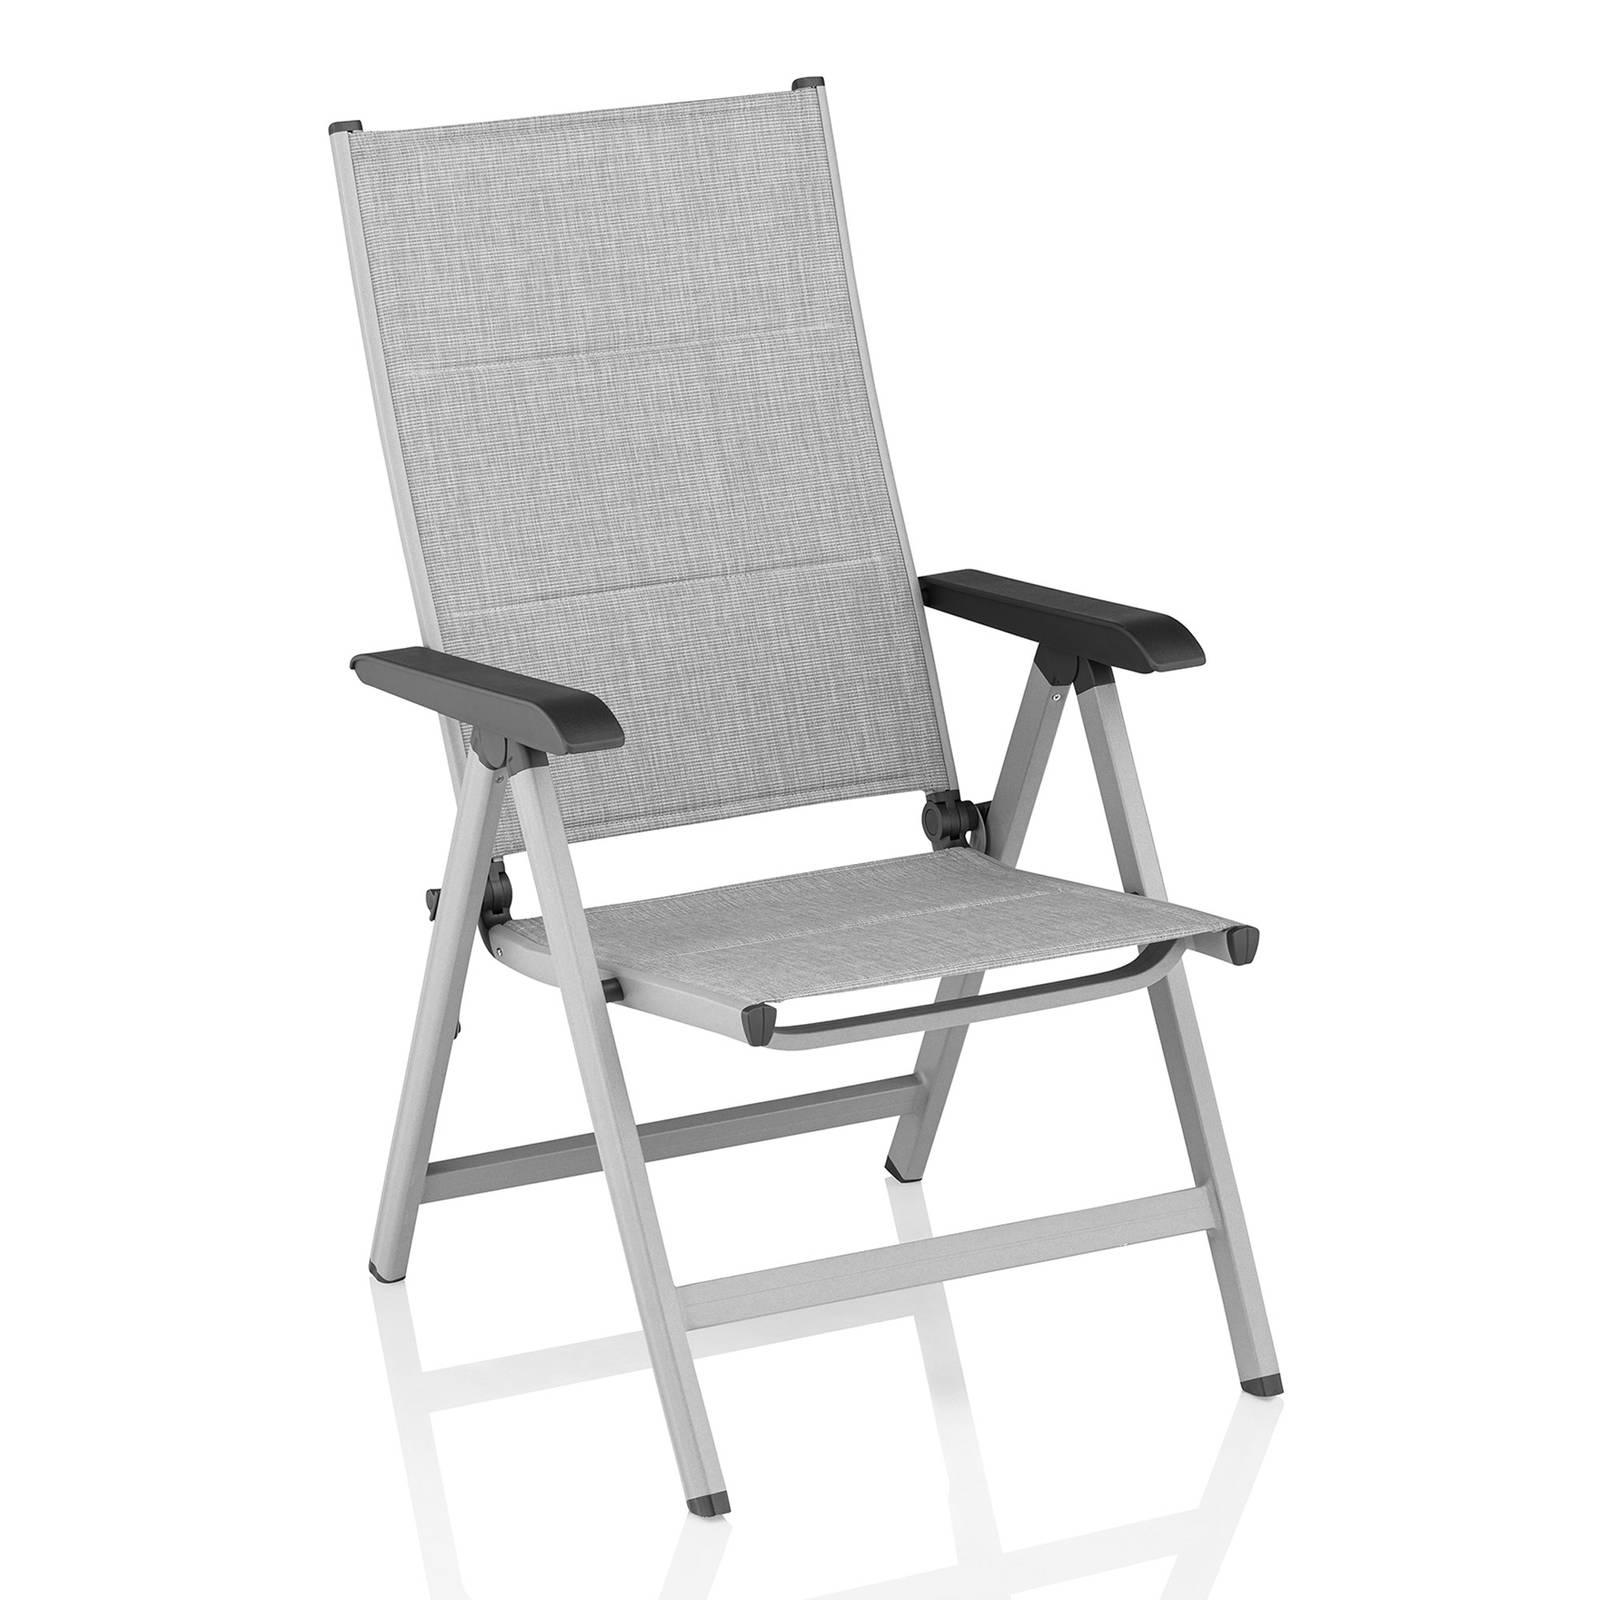 Krzesło wielopozycyjne Basic Plus Padded srebrno-jasnoszary KETTLER